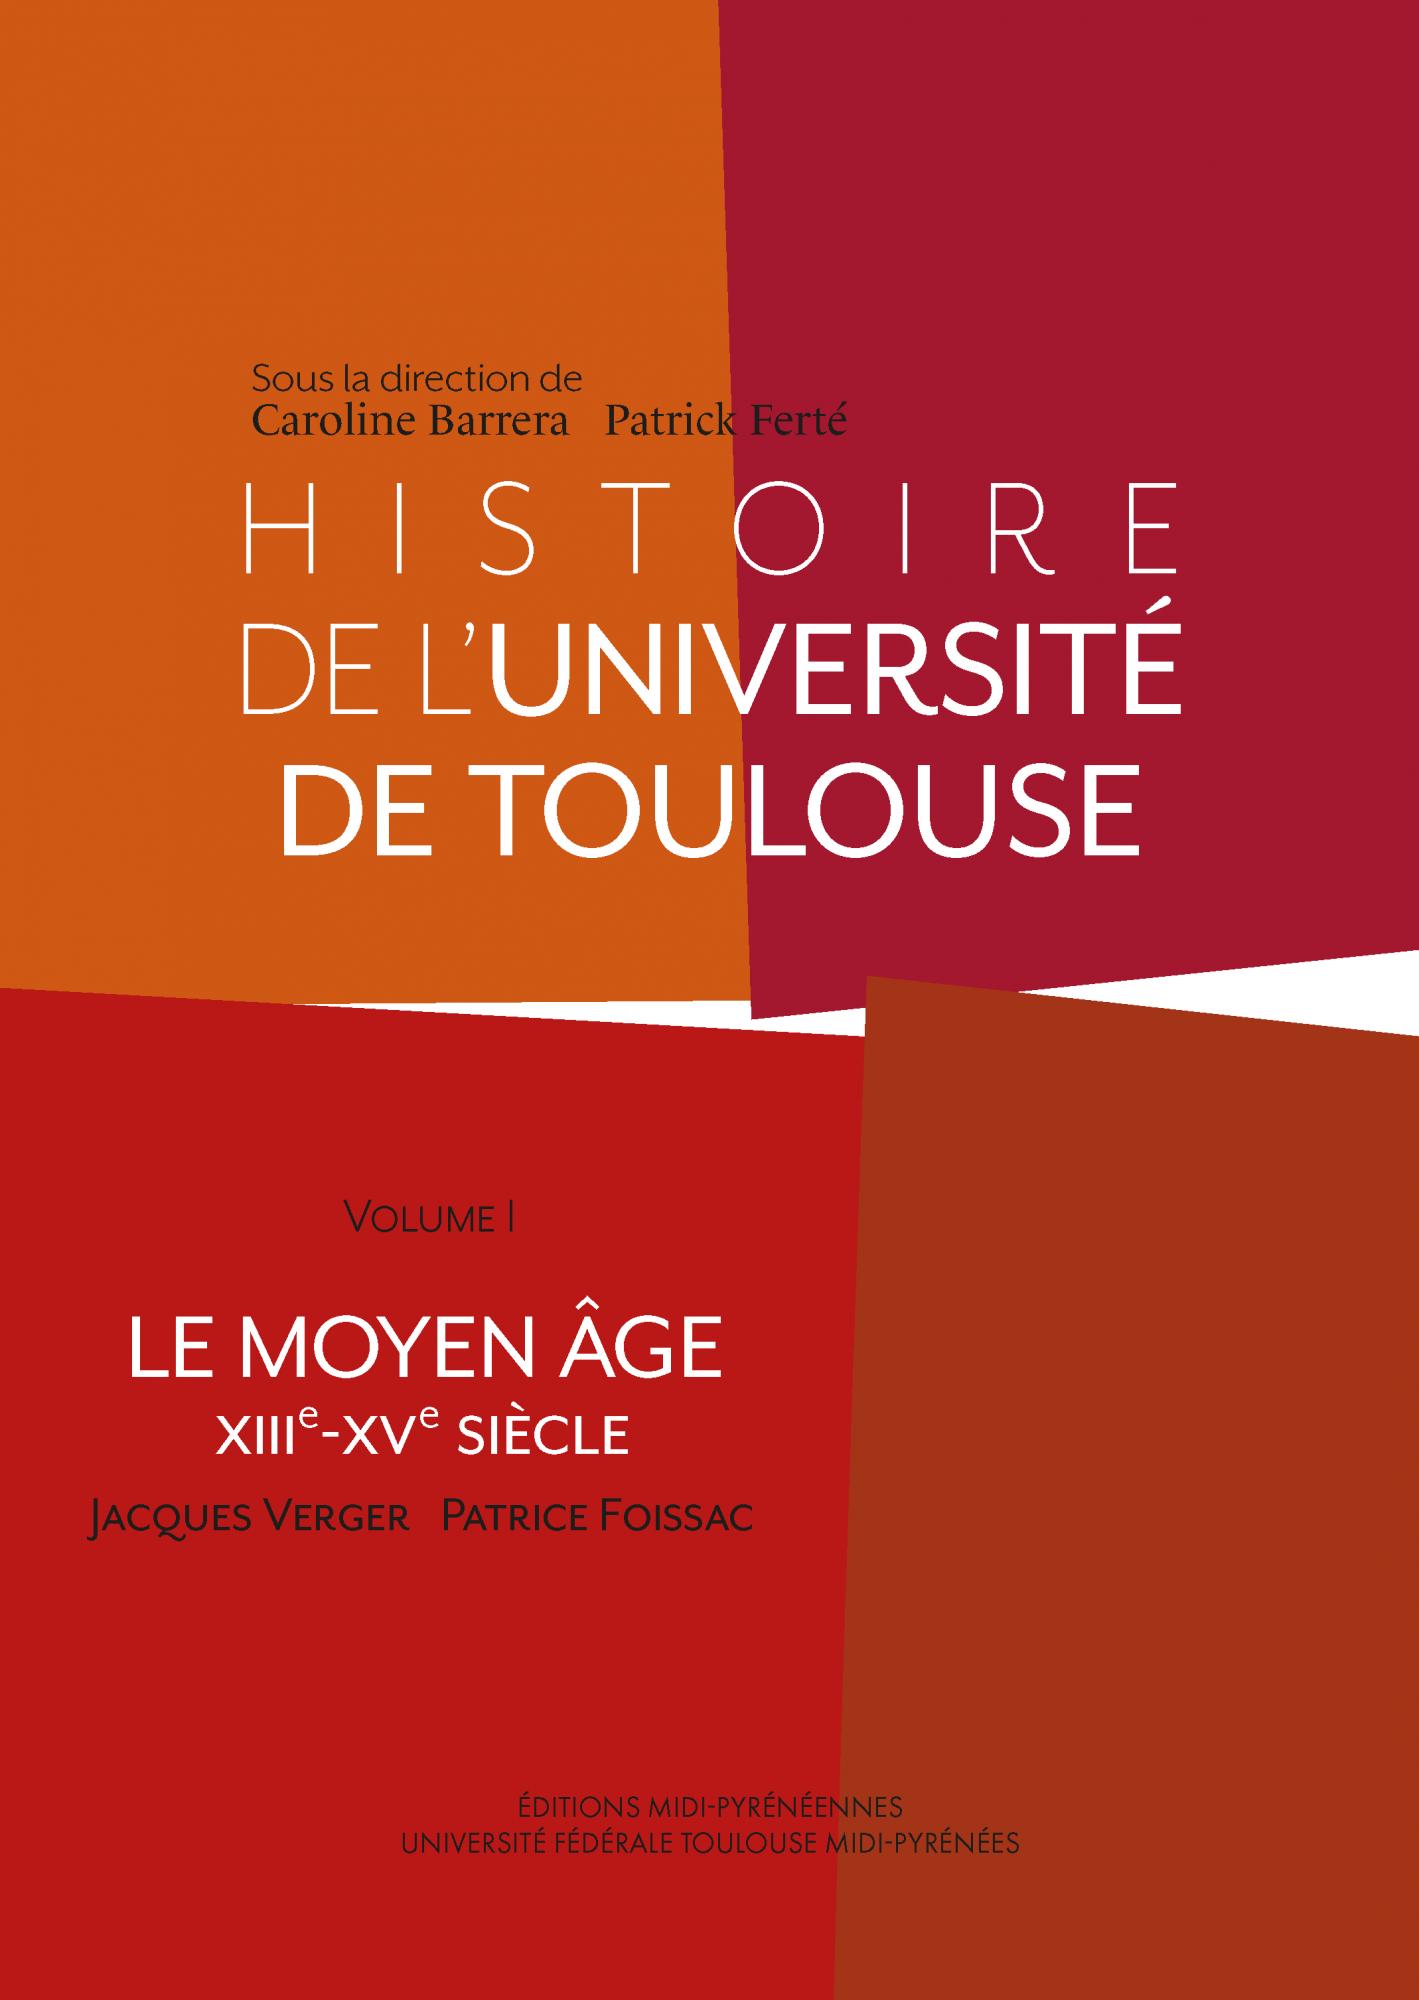 universite-couv-volume-i